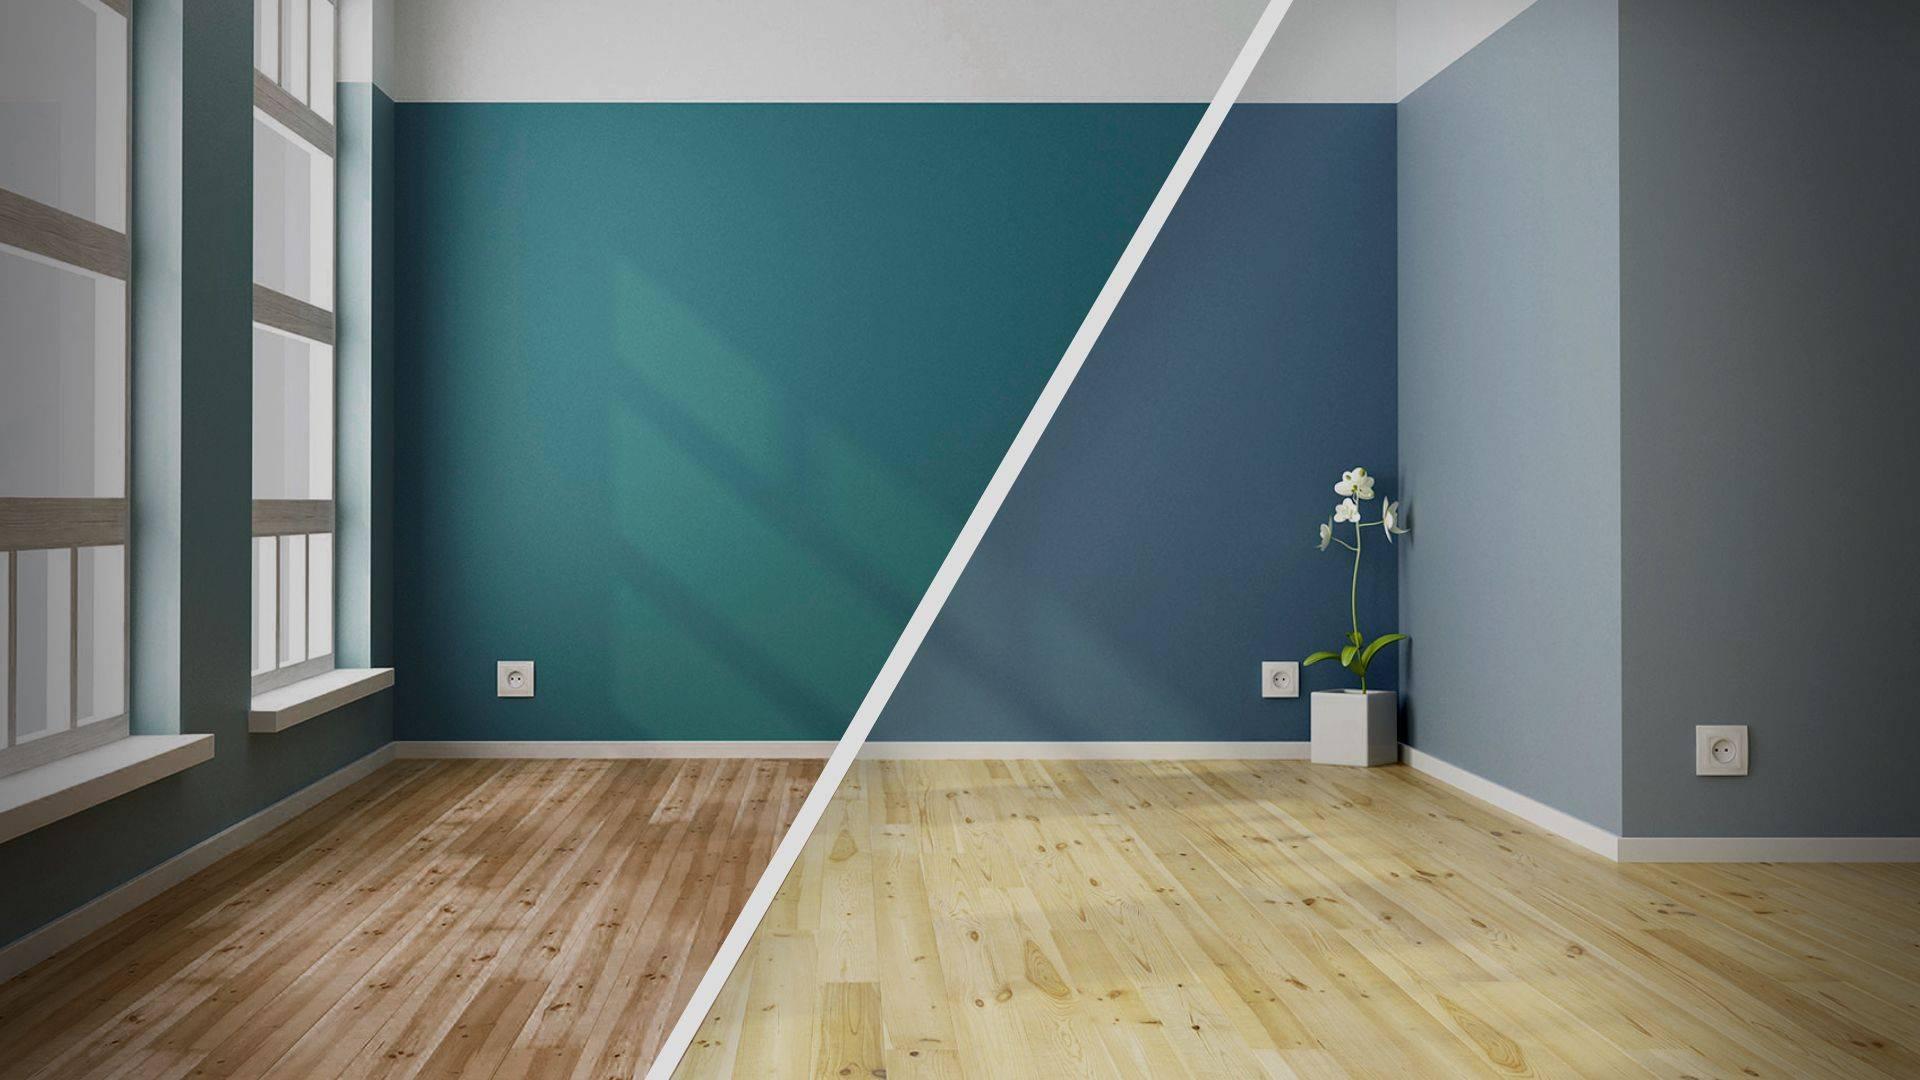 Уютный дизайн: что лучше, покраска стен или обои